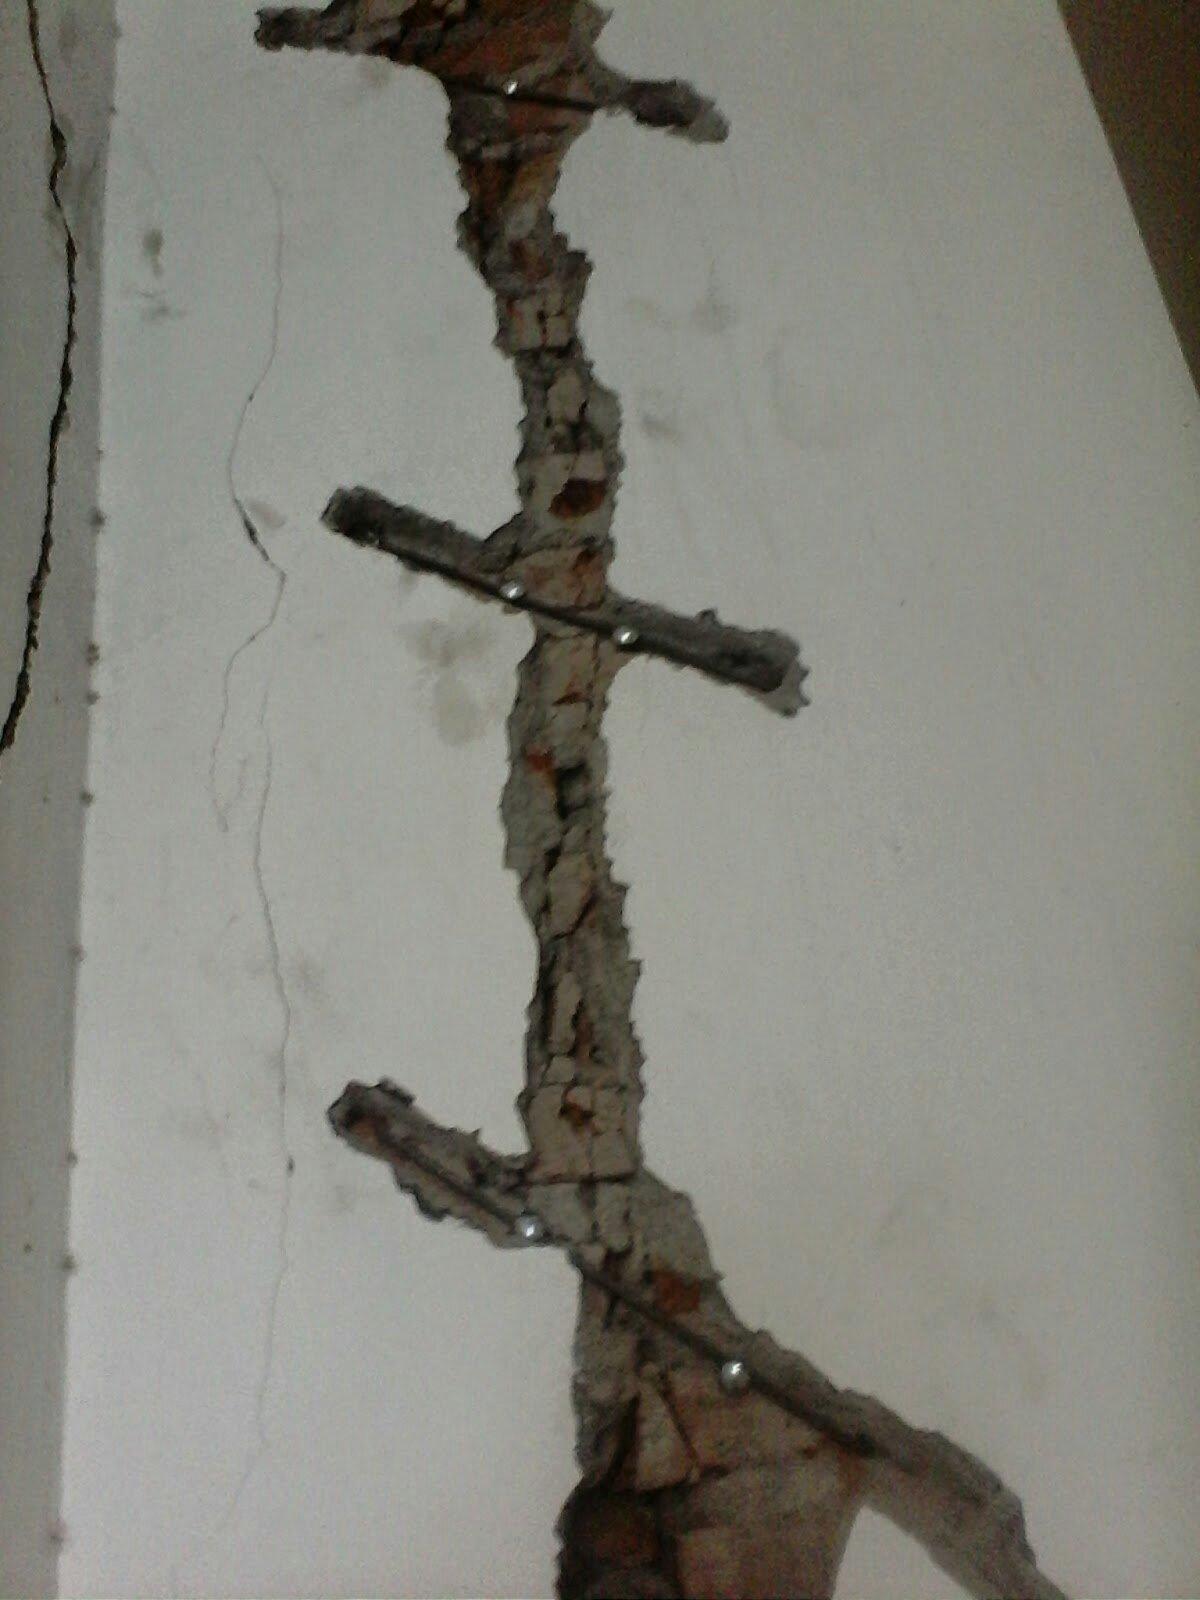 Memperbaiki Dinding Retak Struktur : memperbaiki, dinding, retak, struktur, Memperbaiki, Dinding, Retak, Dengan, Beton, Tukang, Bangunan, Cirebon